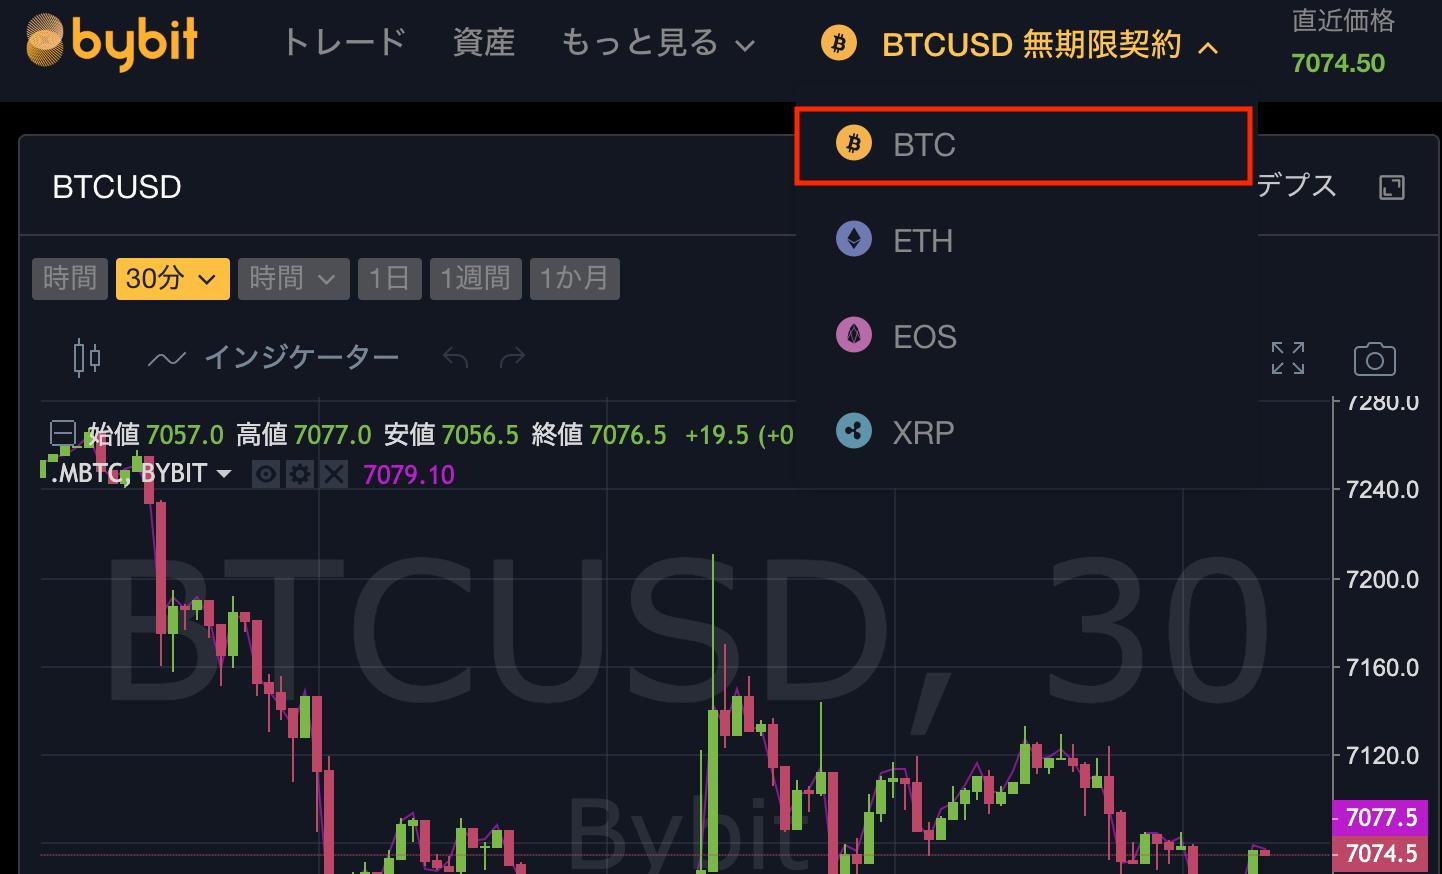 通貨を選択